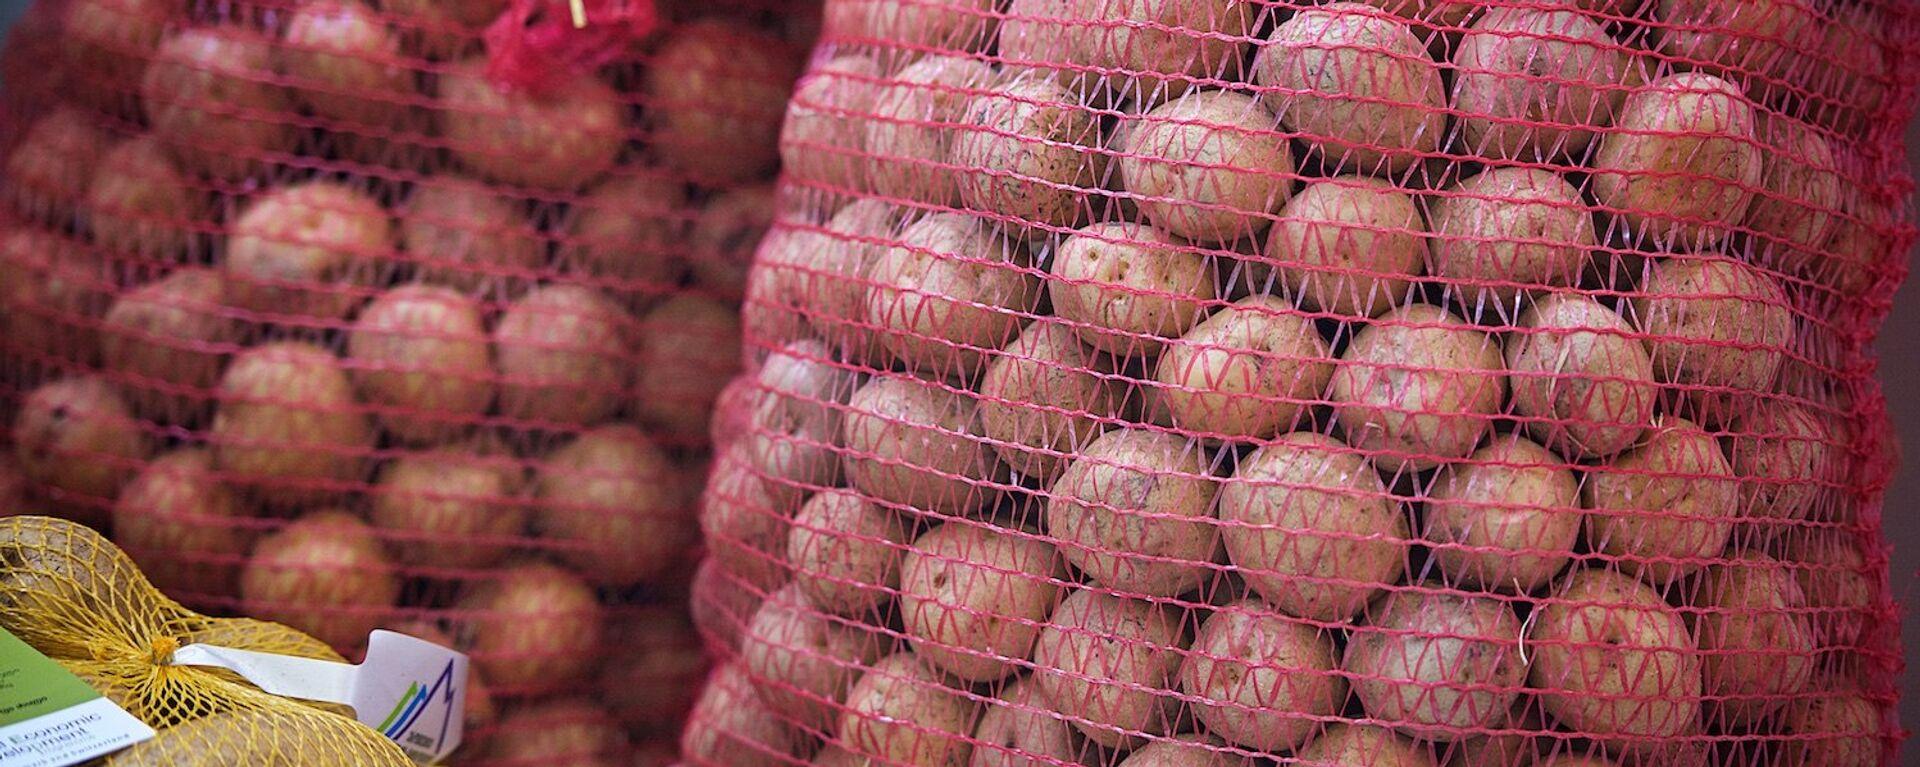 Картофель грузинского производства, подготовленный к продаже - Sputnik Грузия, 1920, 03.09.2021